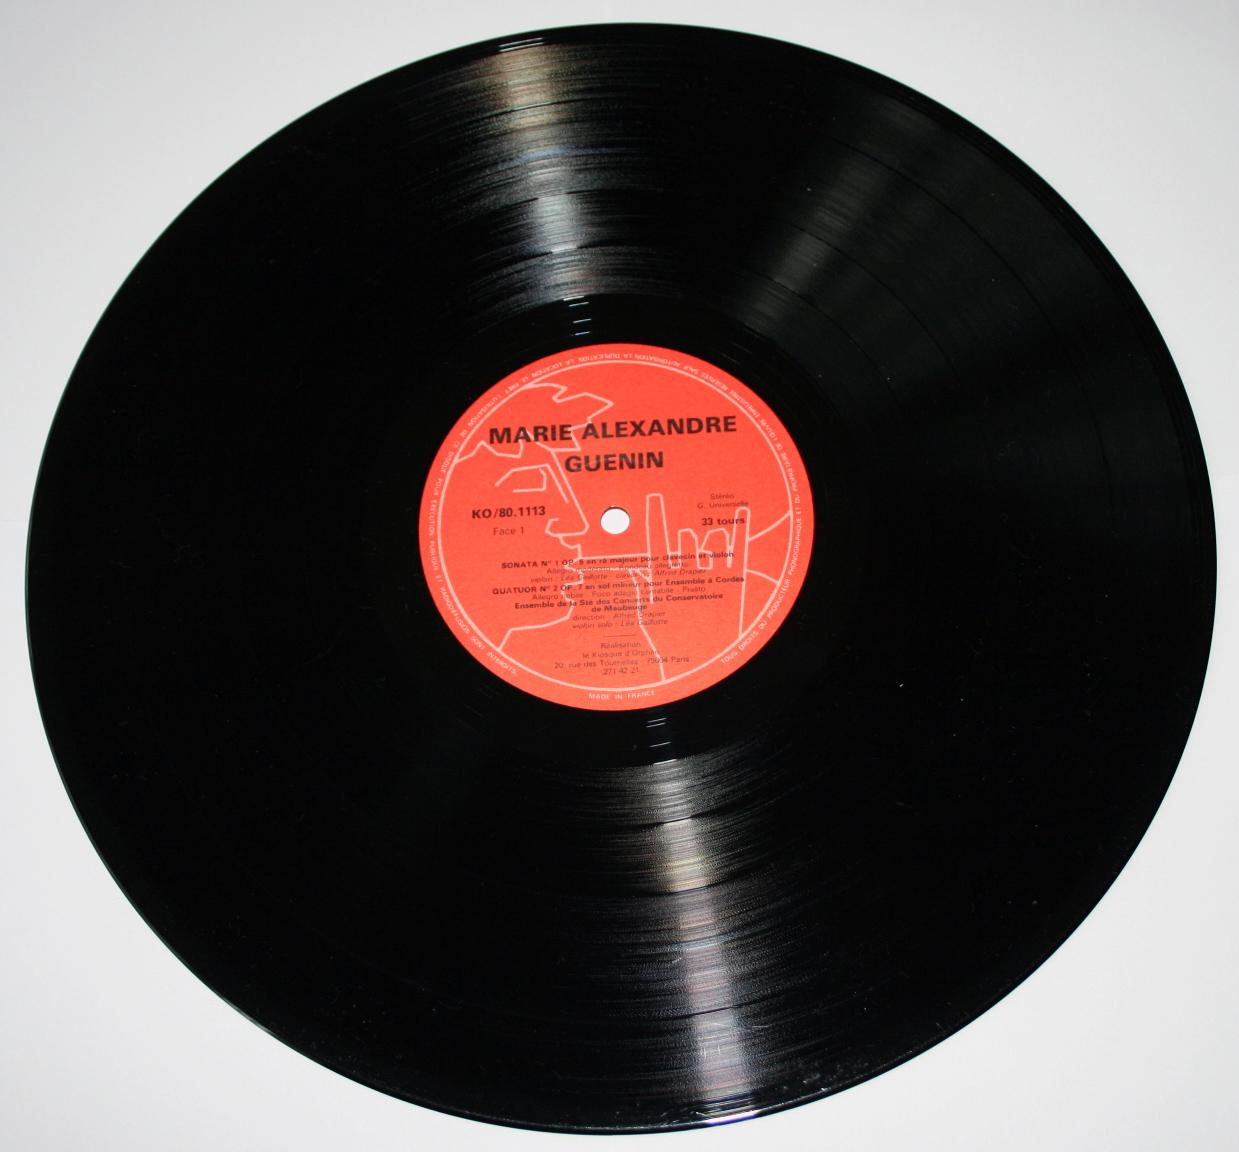 Disques vinyles - Achat vinyle en ligne ...